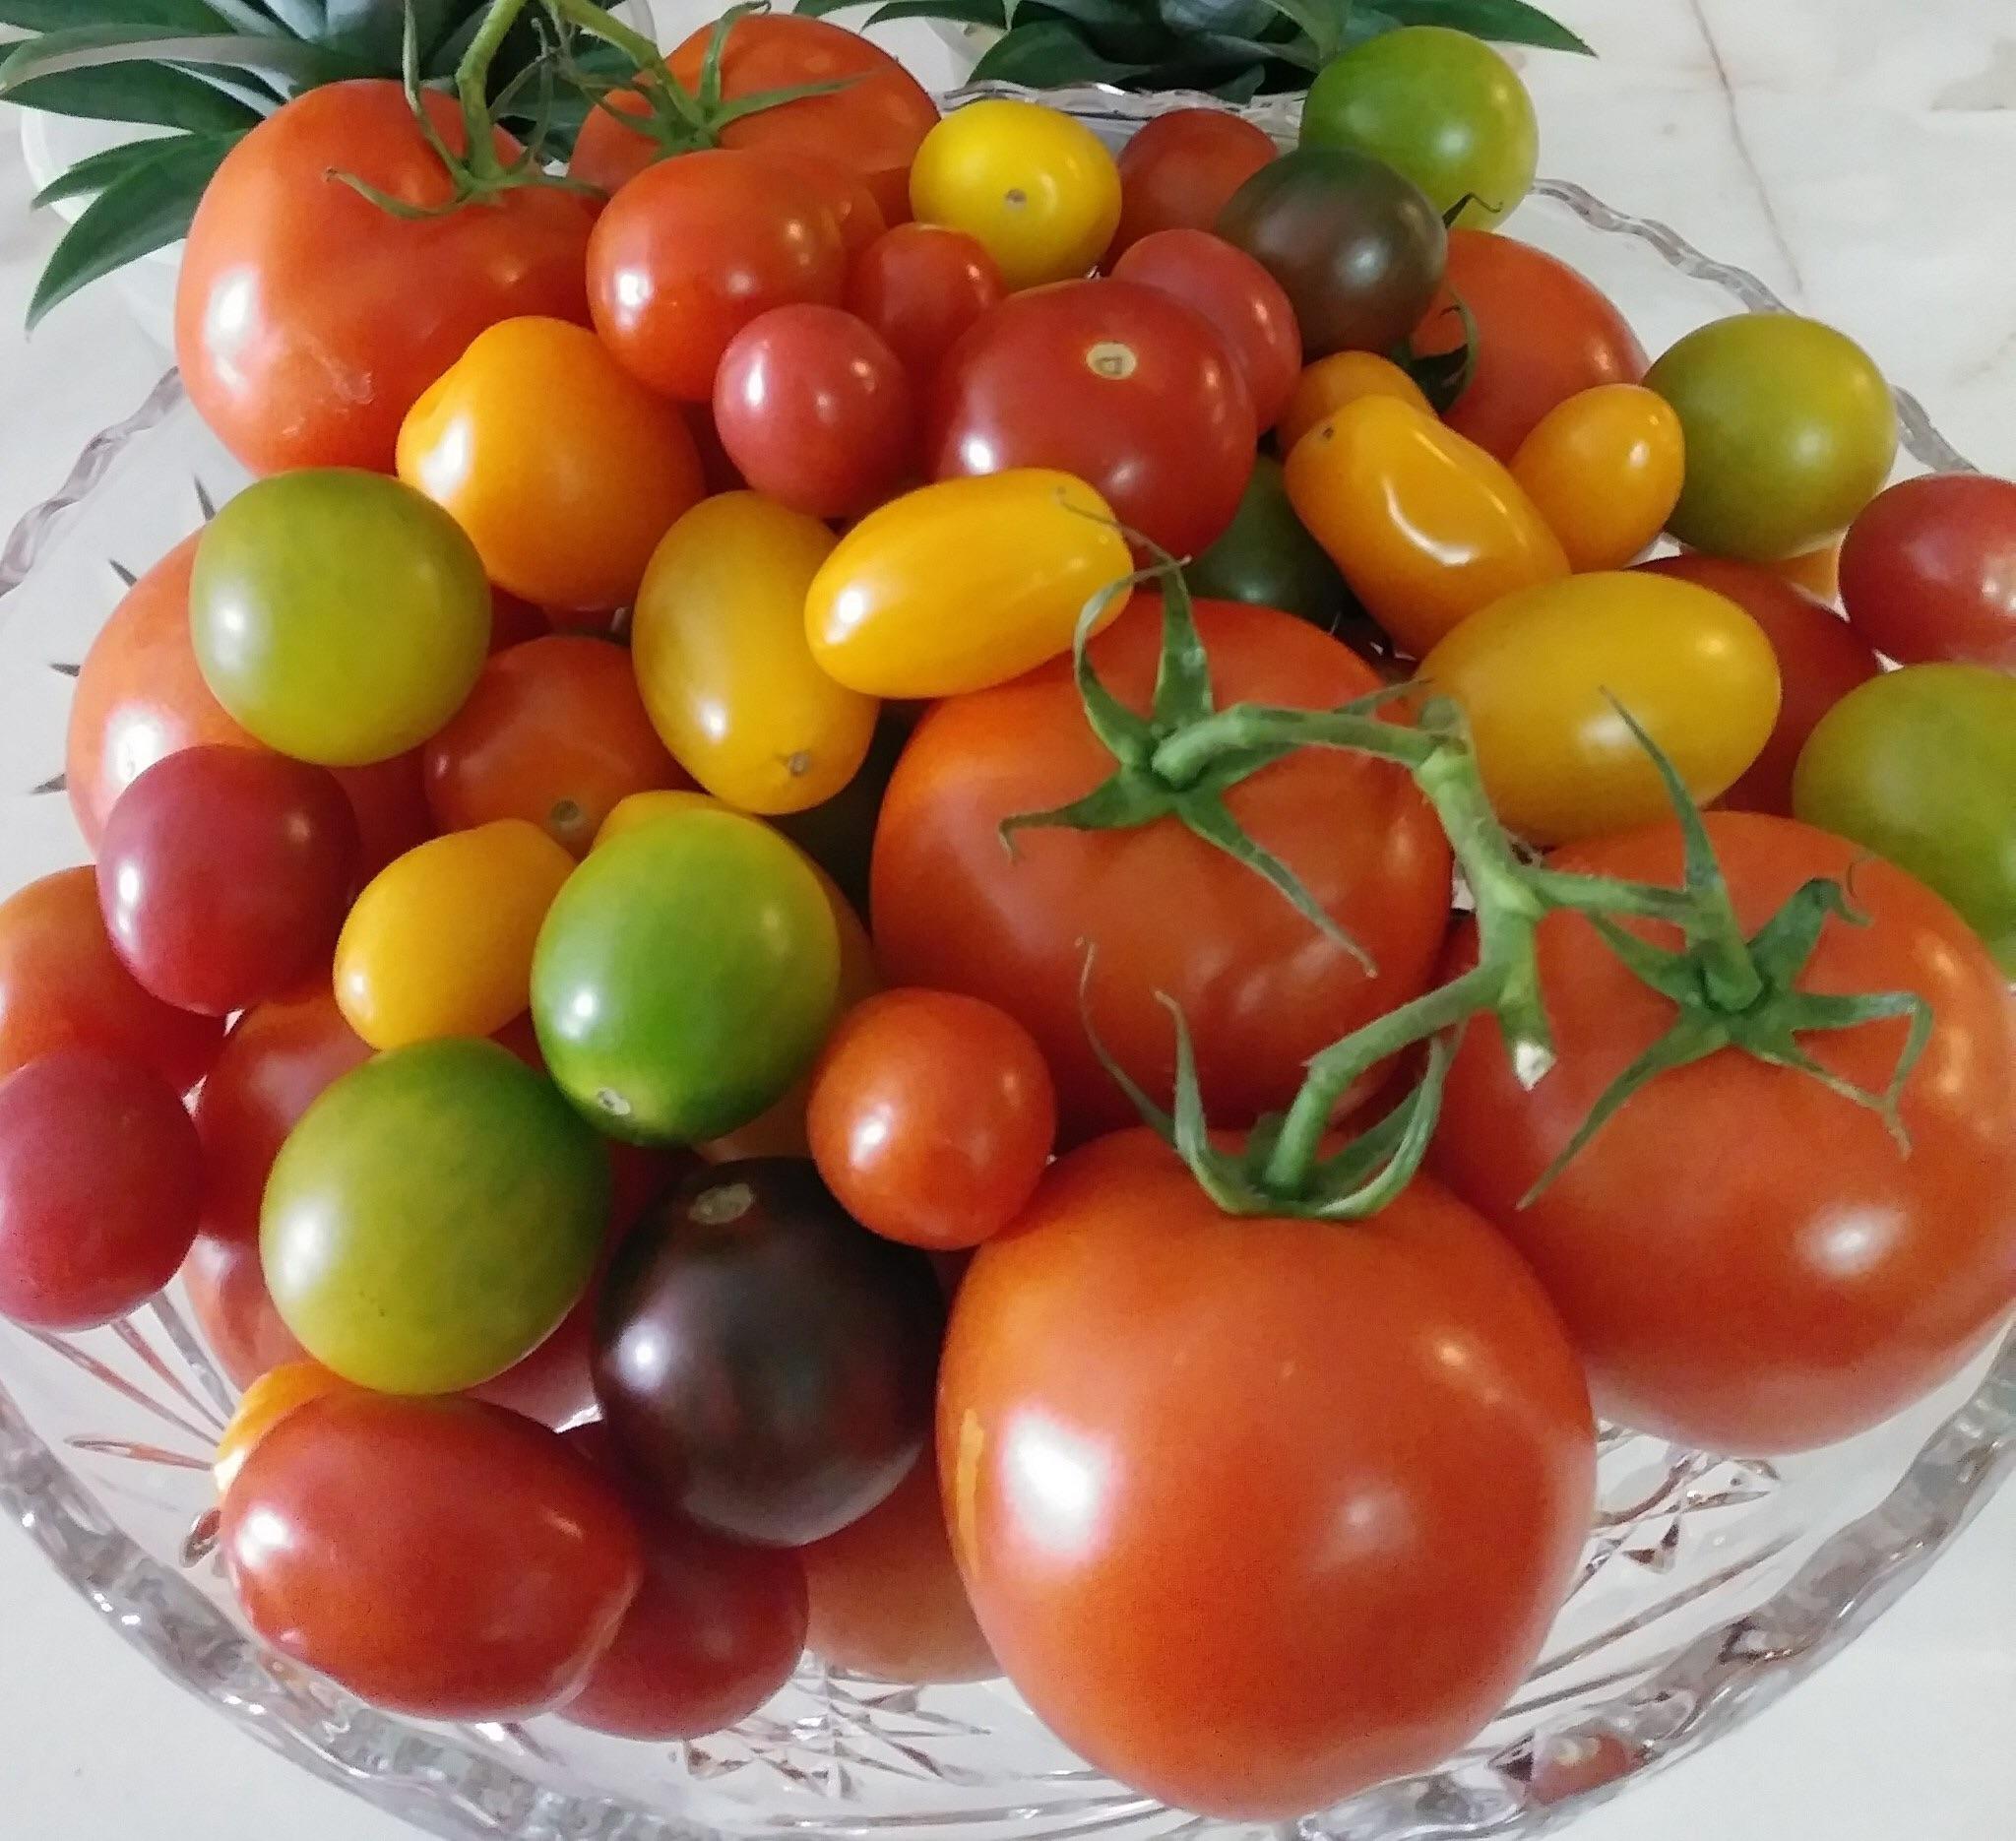 Buena Nutrición para Proteger la Salud